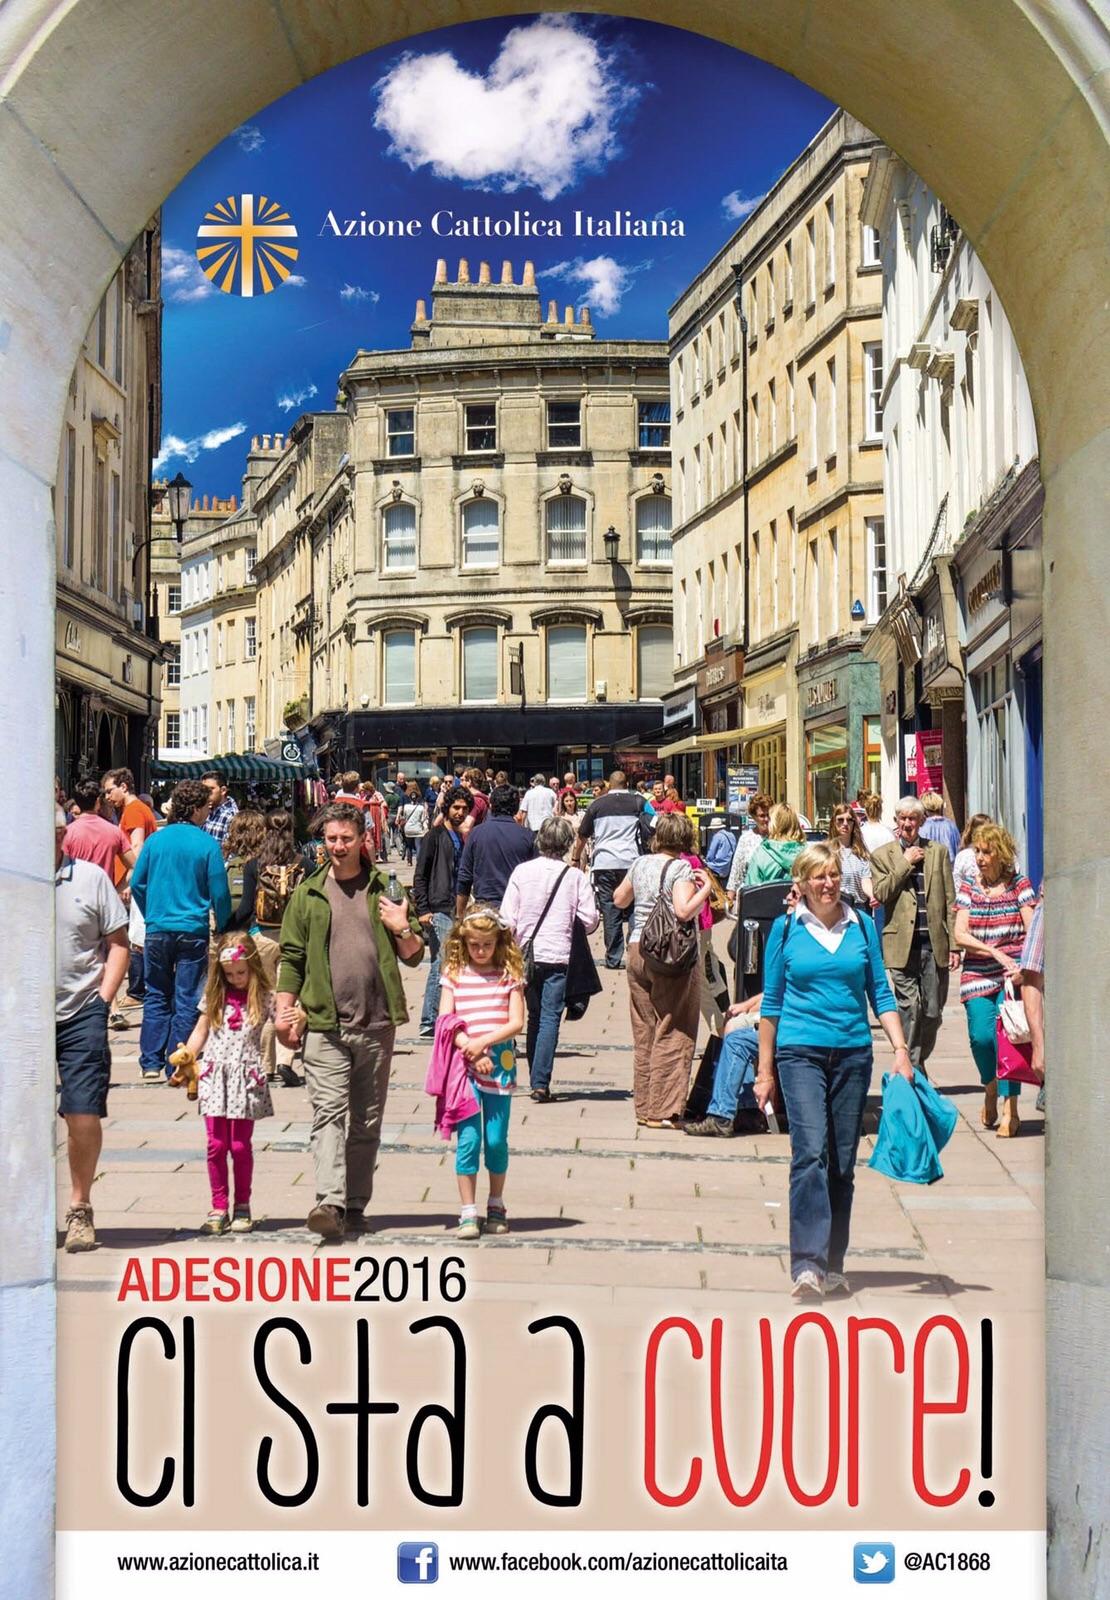 Adesione_2016